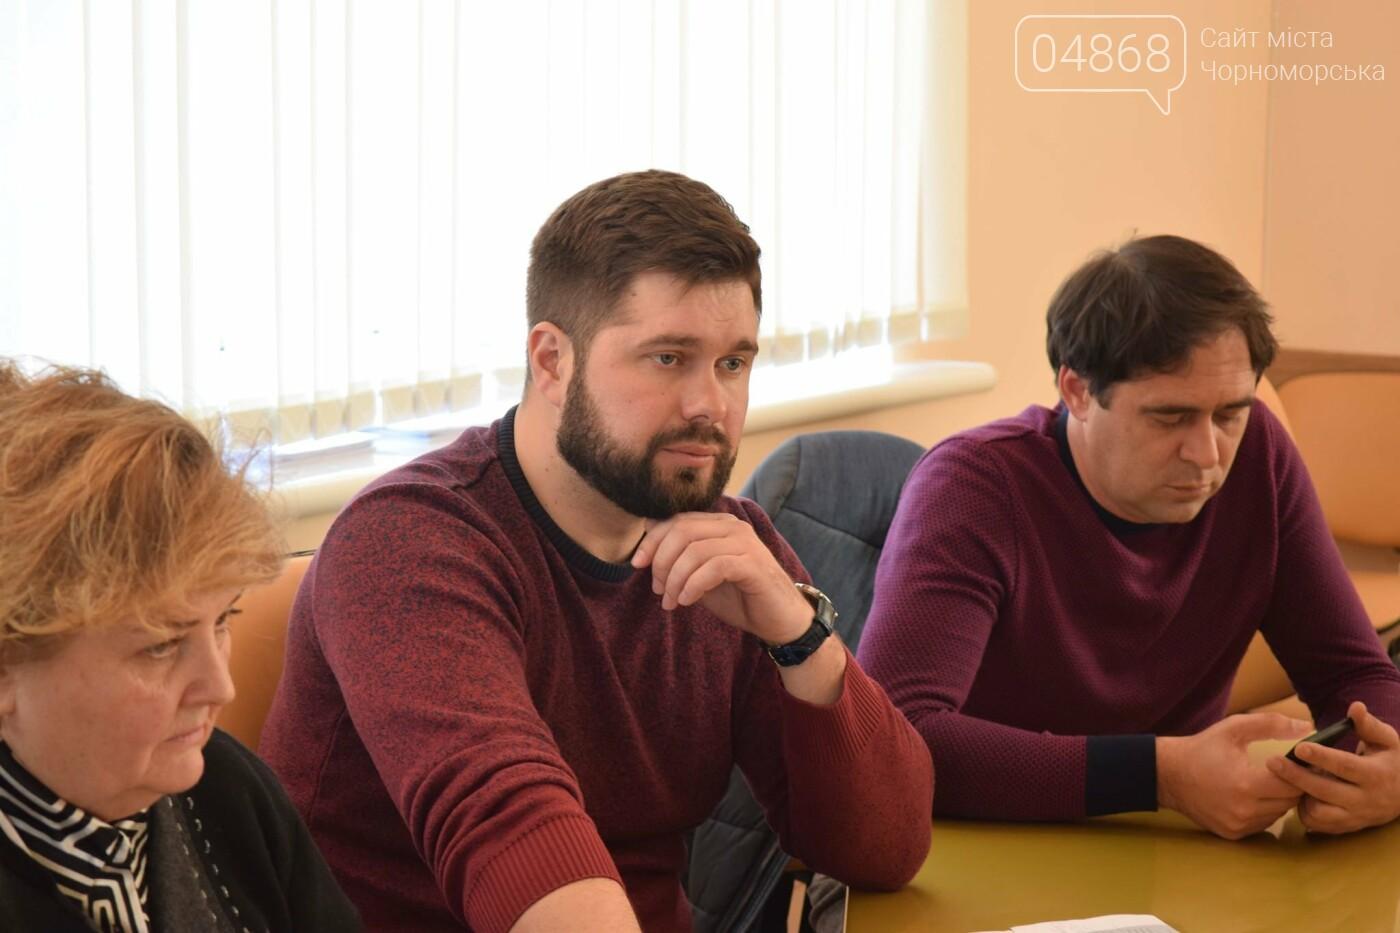 В Черноморске депутаты финансовой комиссии пресекли закупку неоправданно дорогого оборудования(+ВИДЕО), фото-1